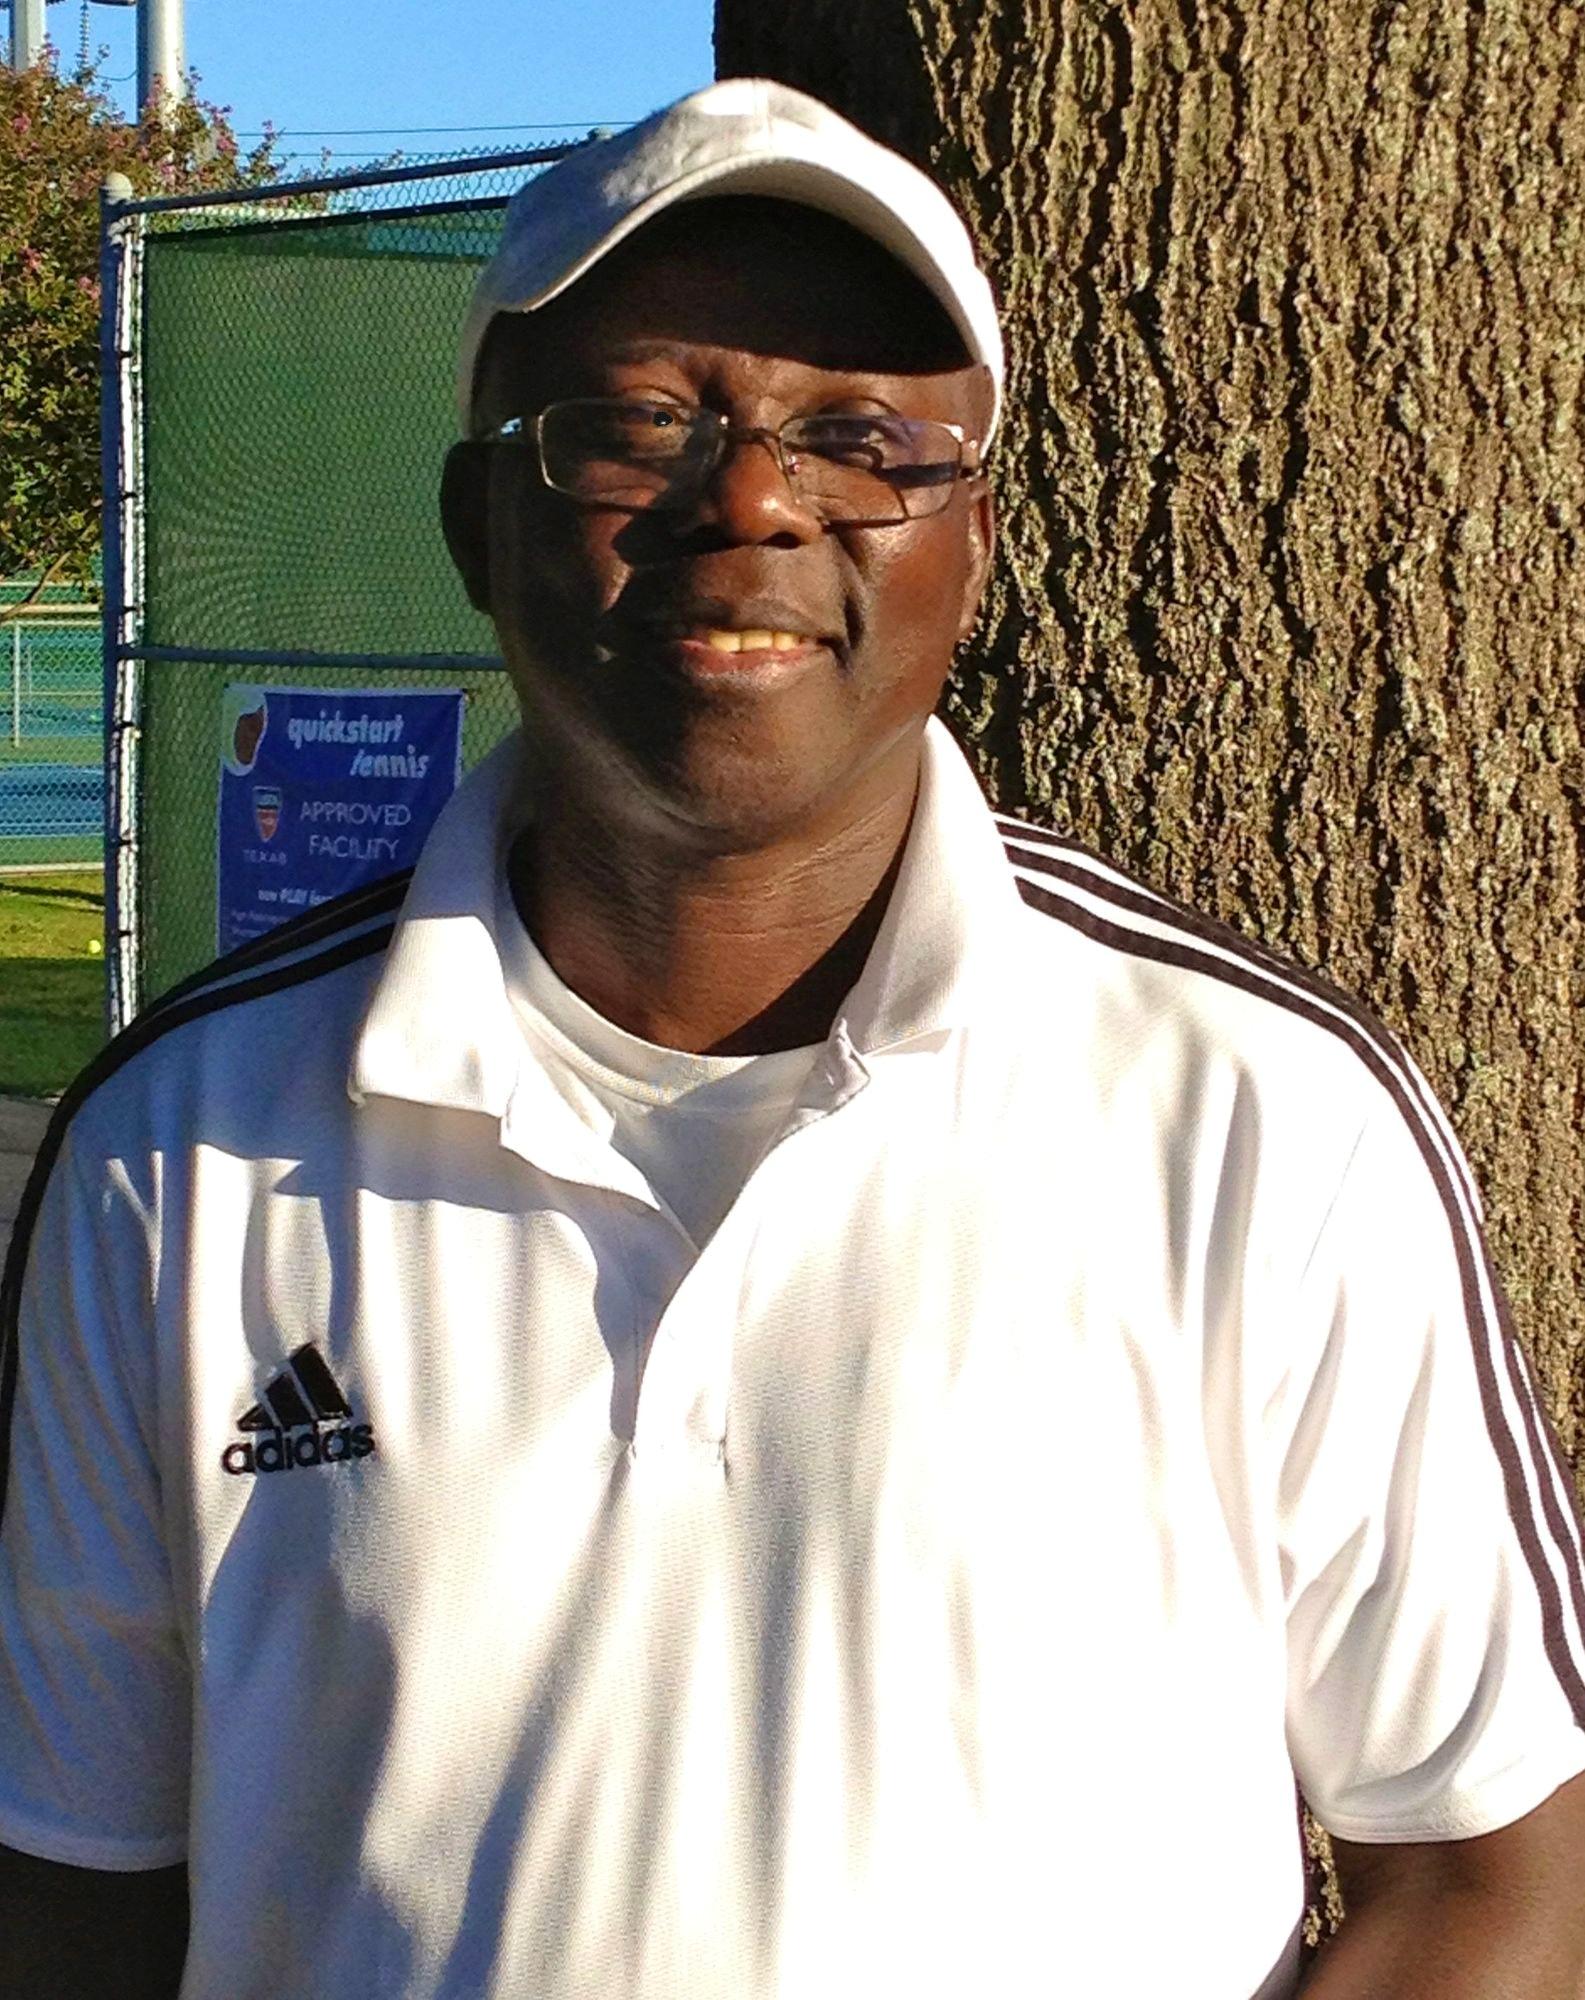 Carl L. teaches tennis lessons in Carrollton, TX